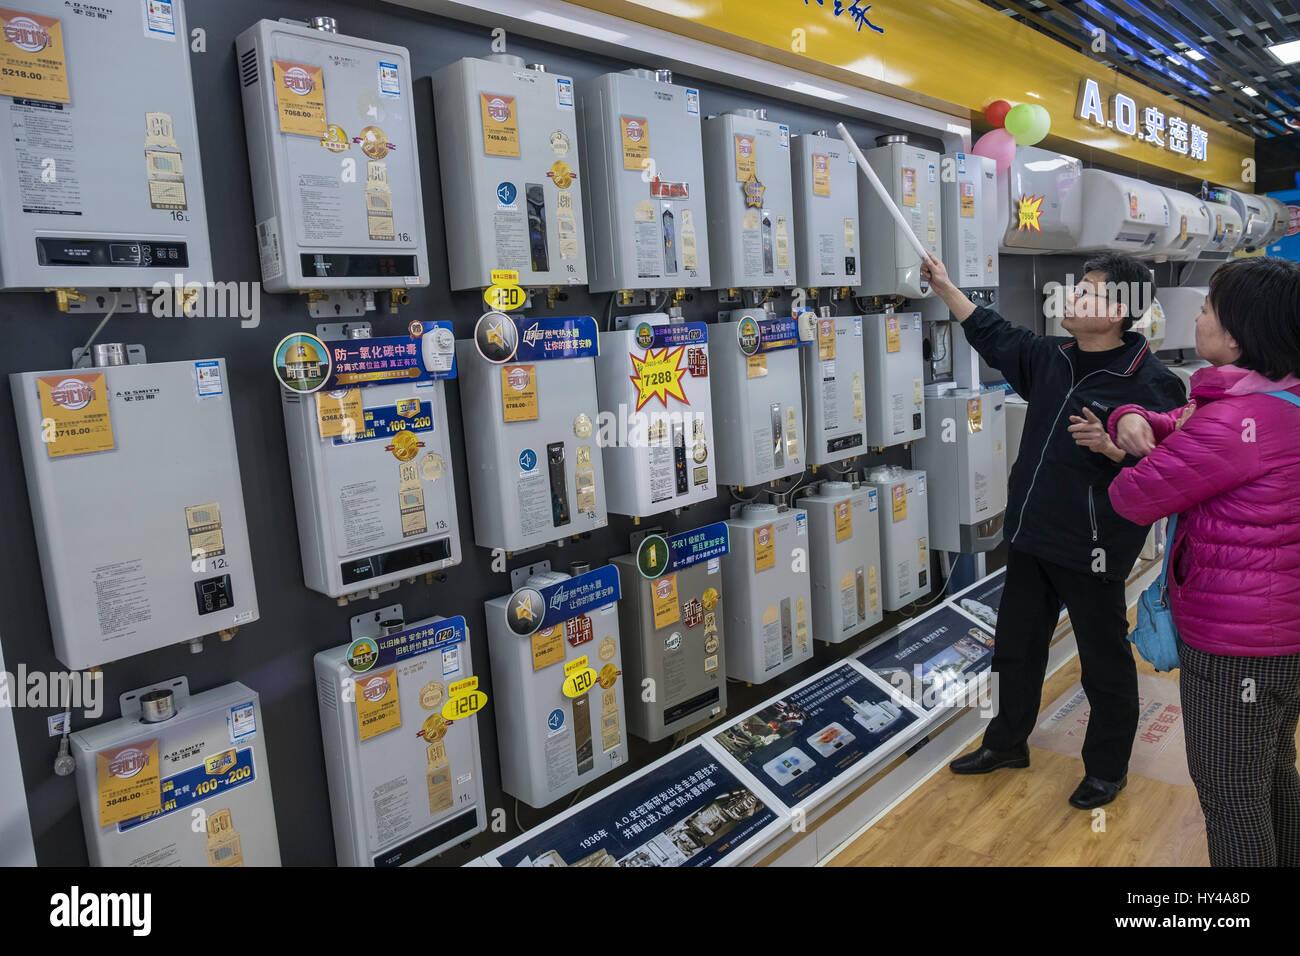 A.O. Smith calentadores de agua están a la venta en una tienda de B&Q en Beijing, China. Imagen De Stock